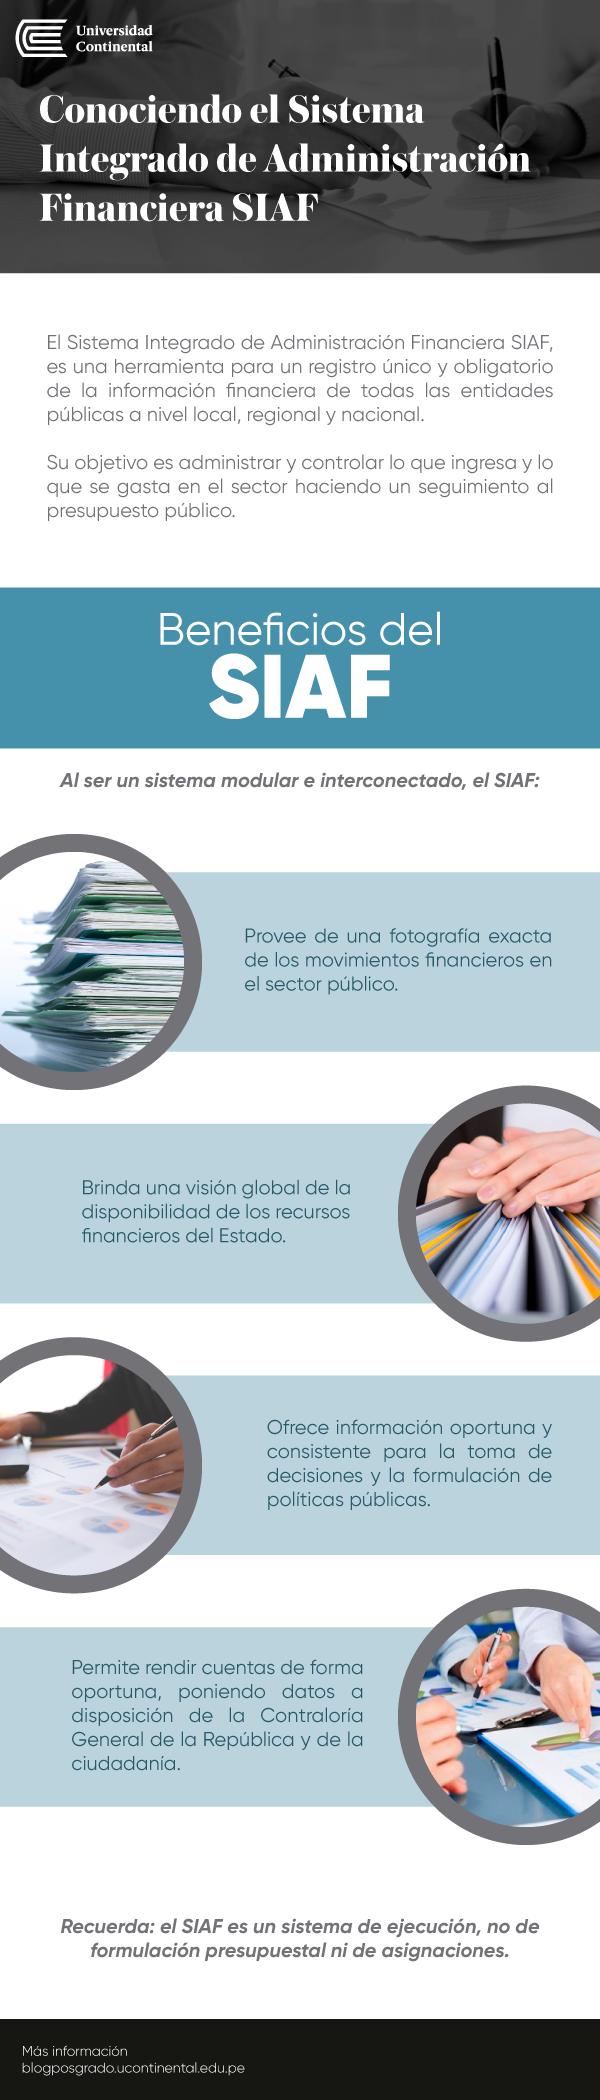 Conociendo-el-sistema-integrado-de-administracion-financiera-SIAF.png